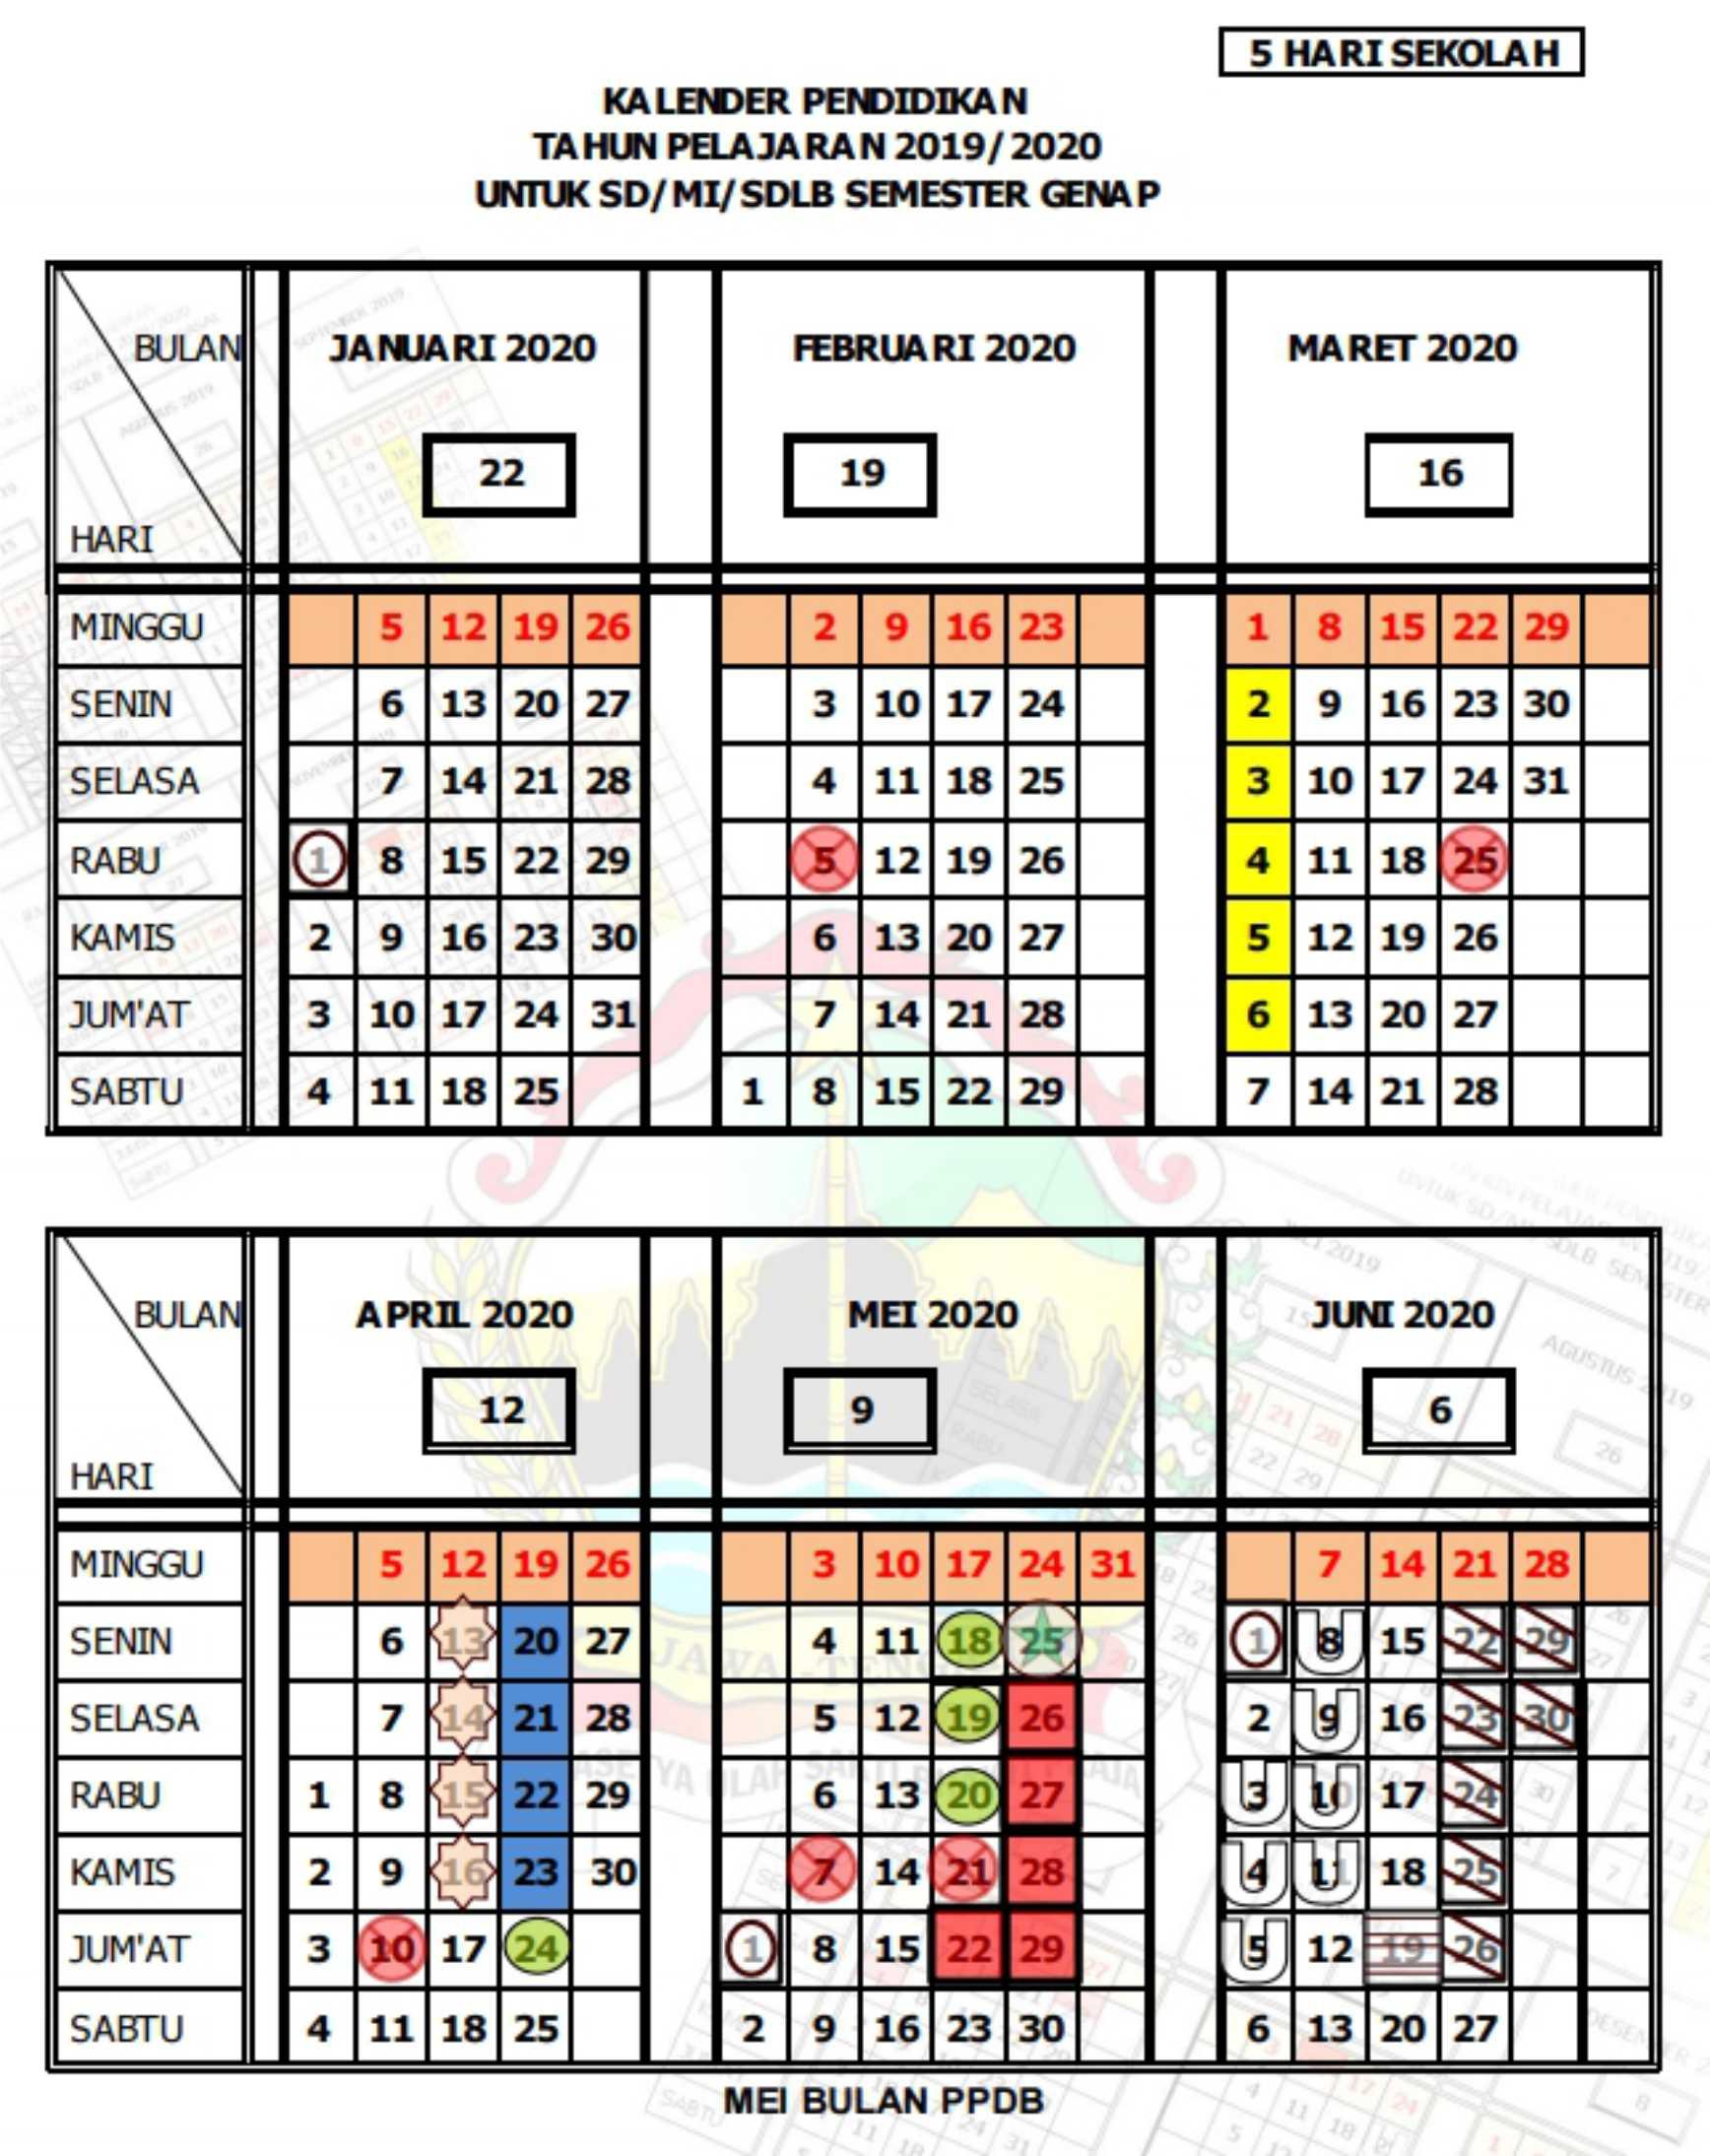 kalender pendidikan tahun pelajaran 2019 - 2020 semester genap untuk SD SDLB MI (5 hari sekolah) provinsi jawa tengah